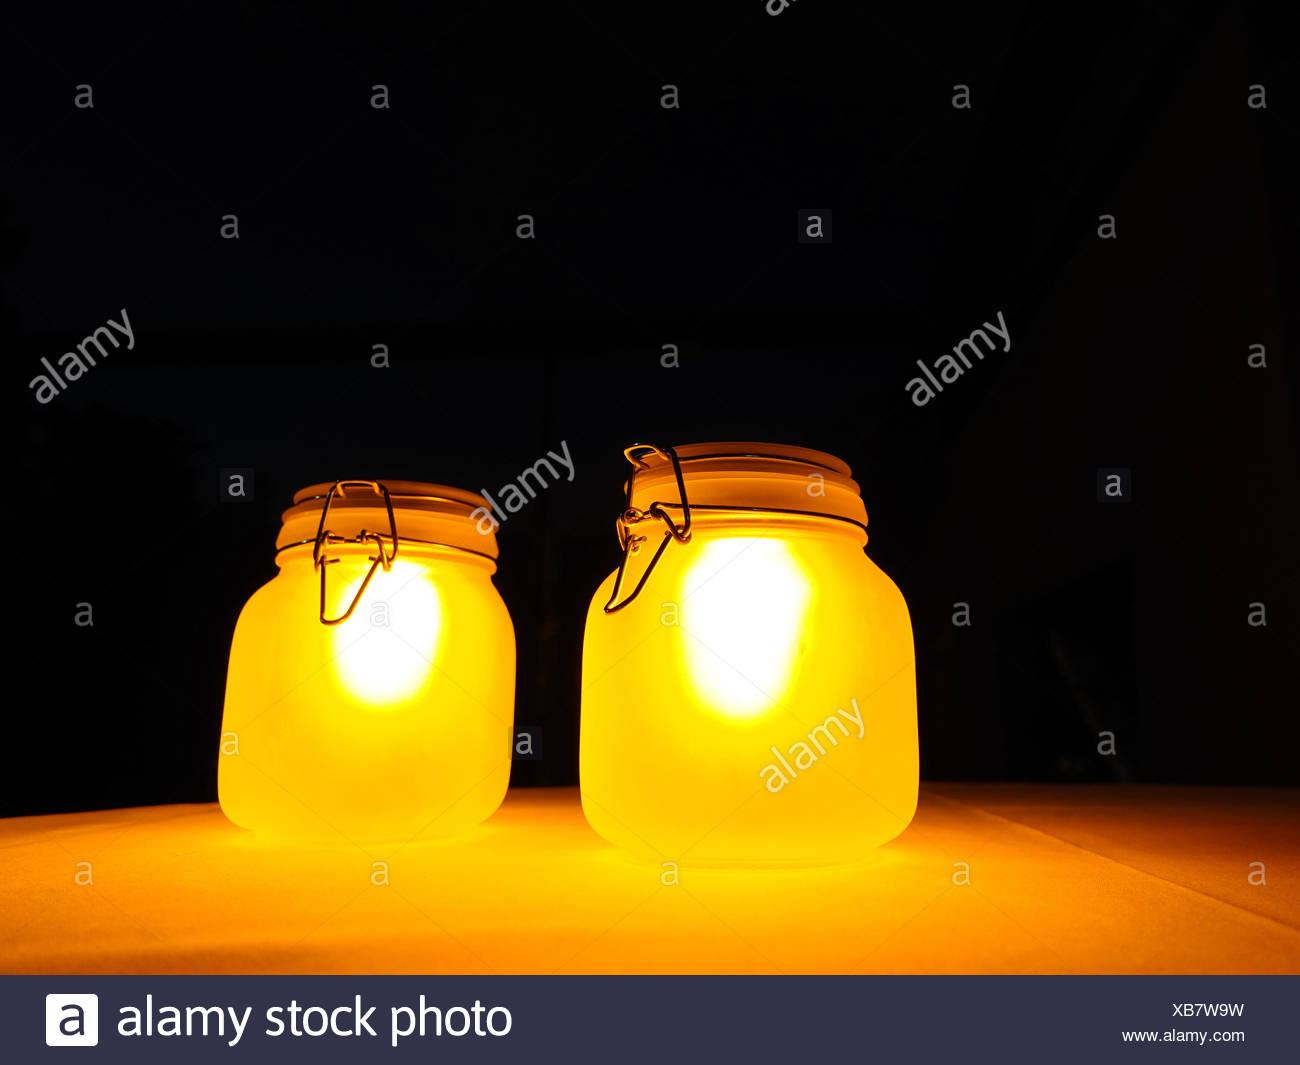 Primer plano de linternas en la mesa iluminada por la noche Imagen De Stock